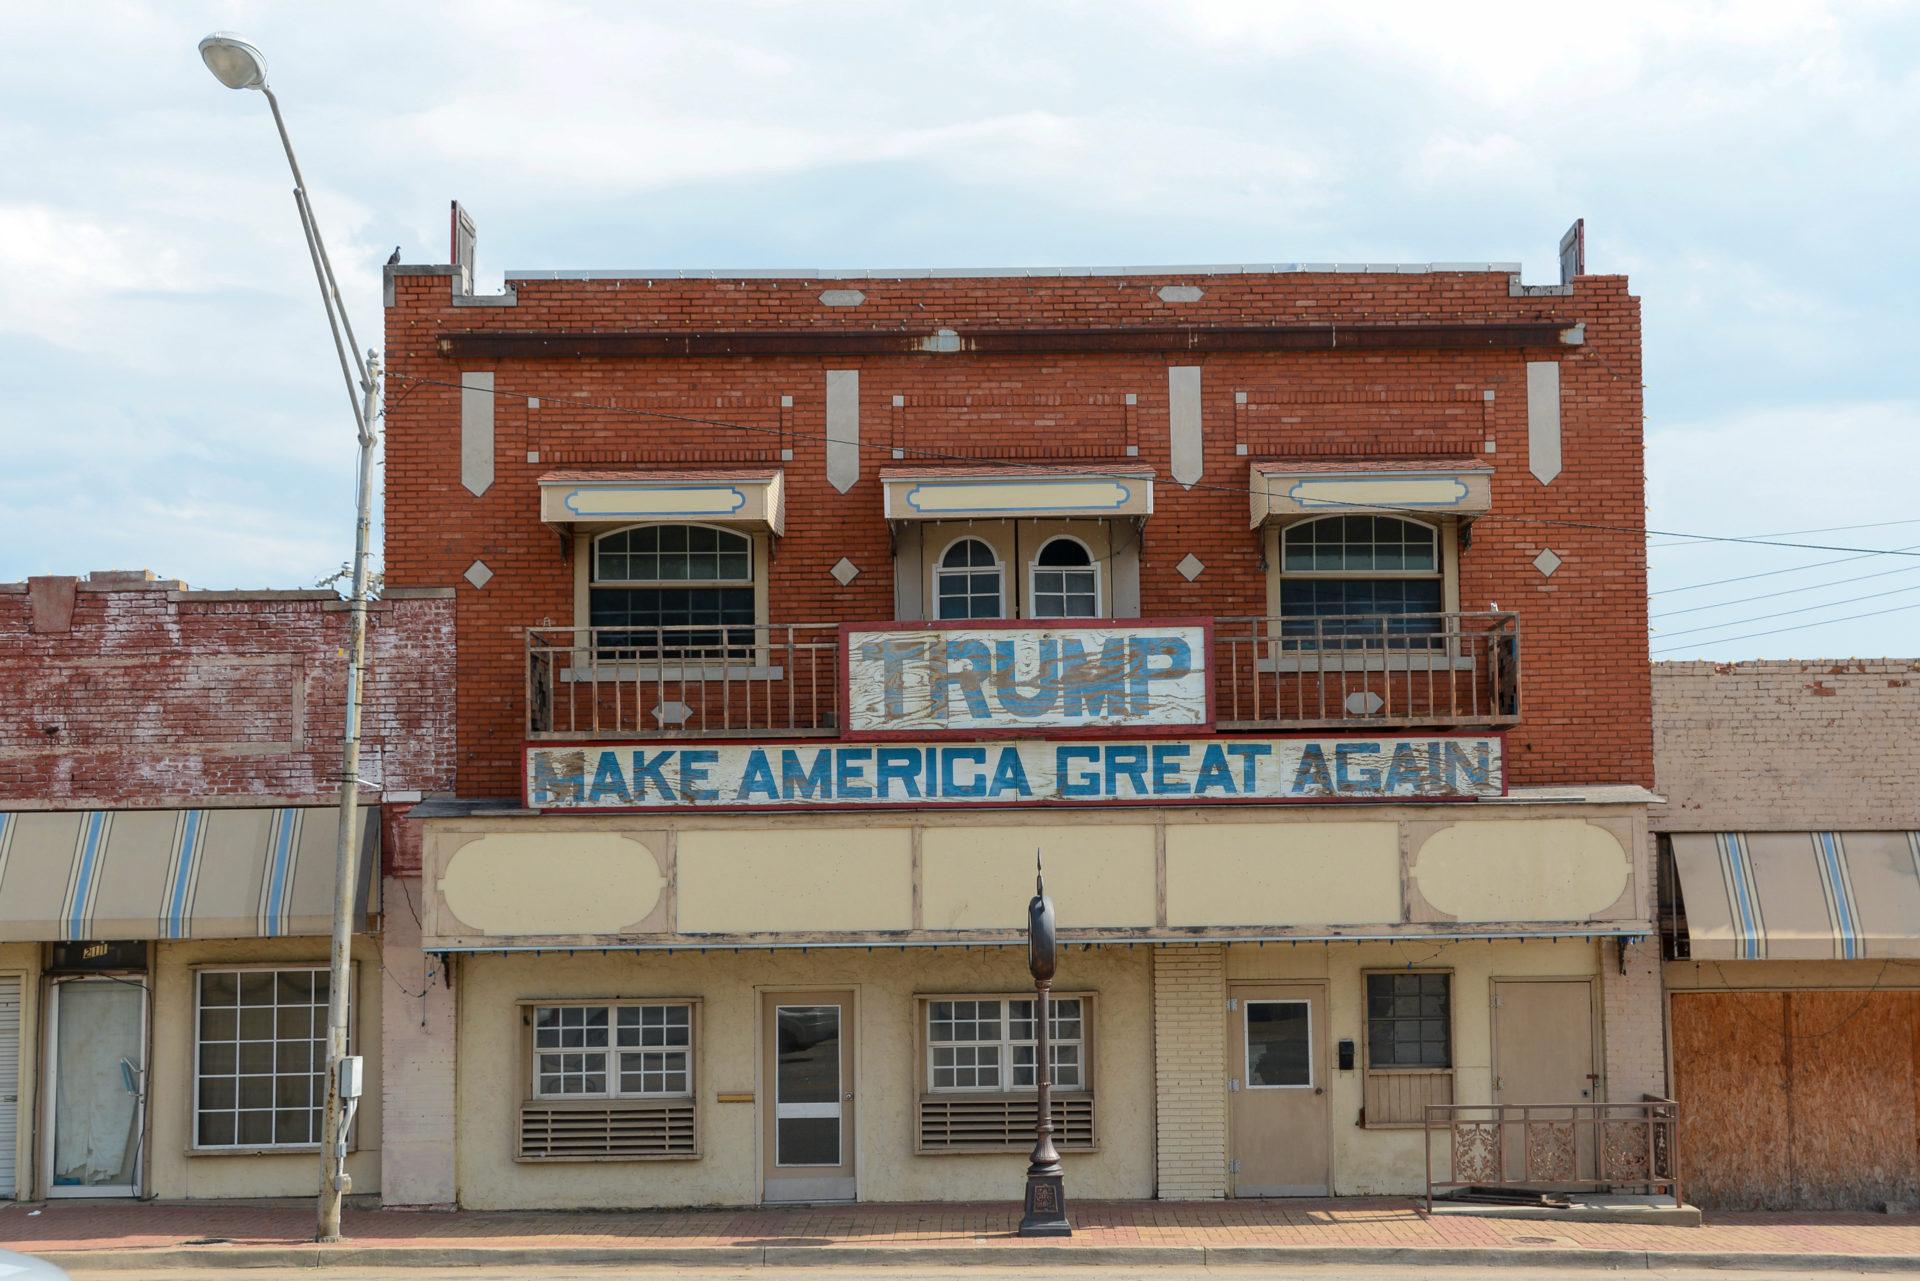 Verblichener Schriftzug mit dem Namen Trump und seinem Motto Make America Great Again